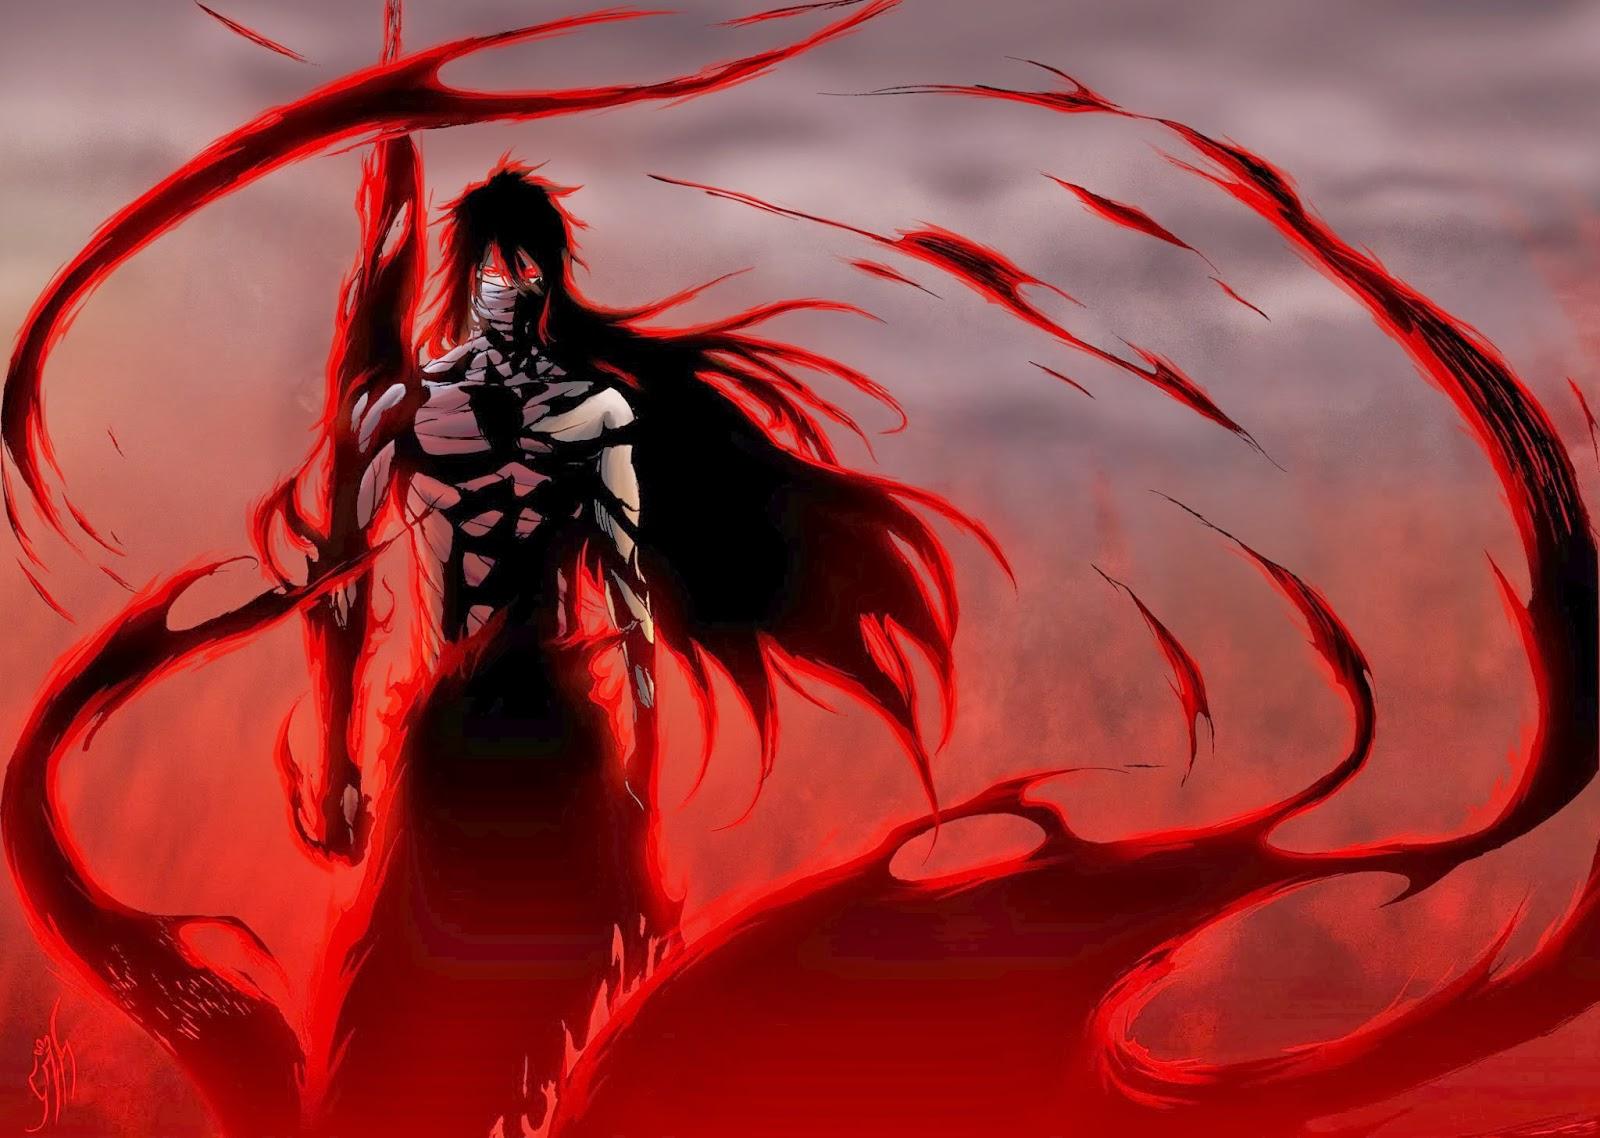 Bleach kurosaki hollow wallpaper hd hd wallpaper - Imagens em hd de animes ...